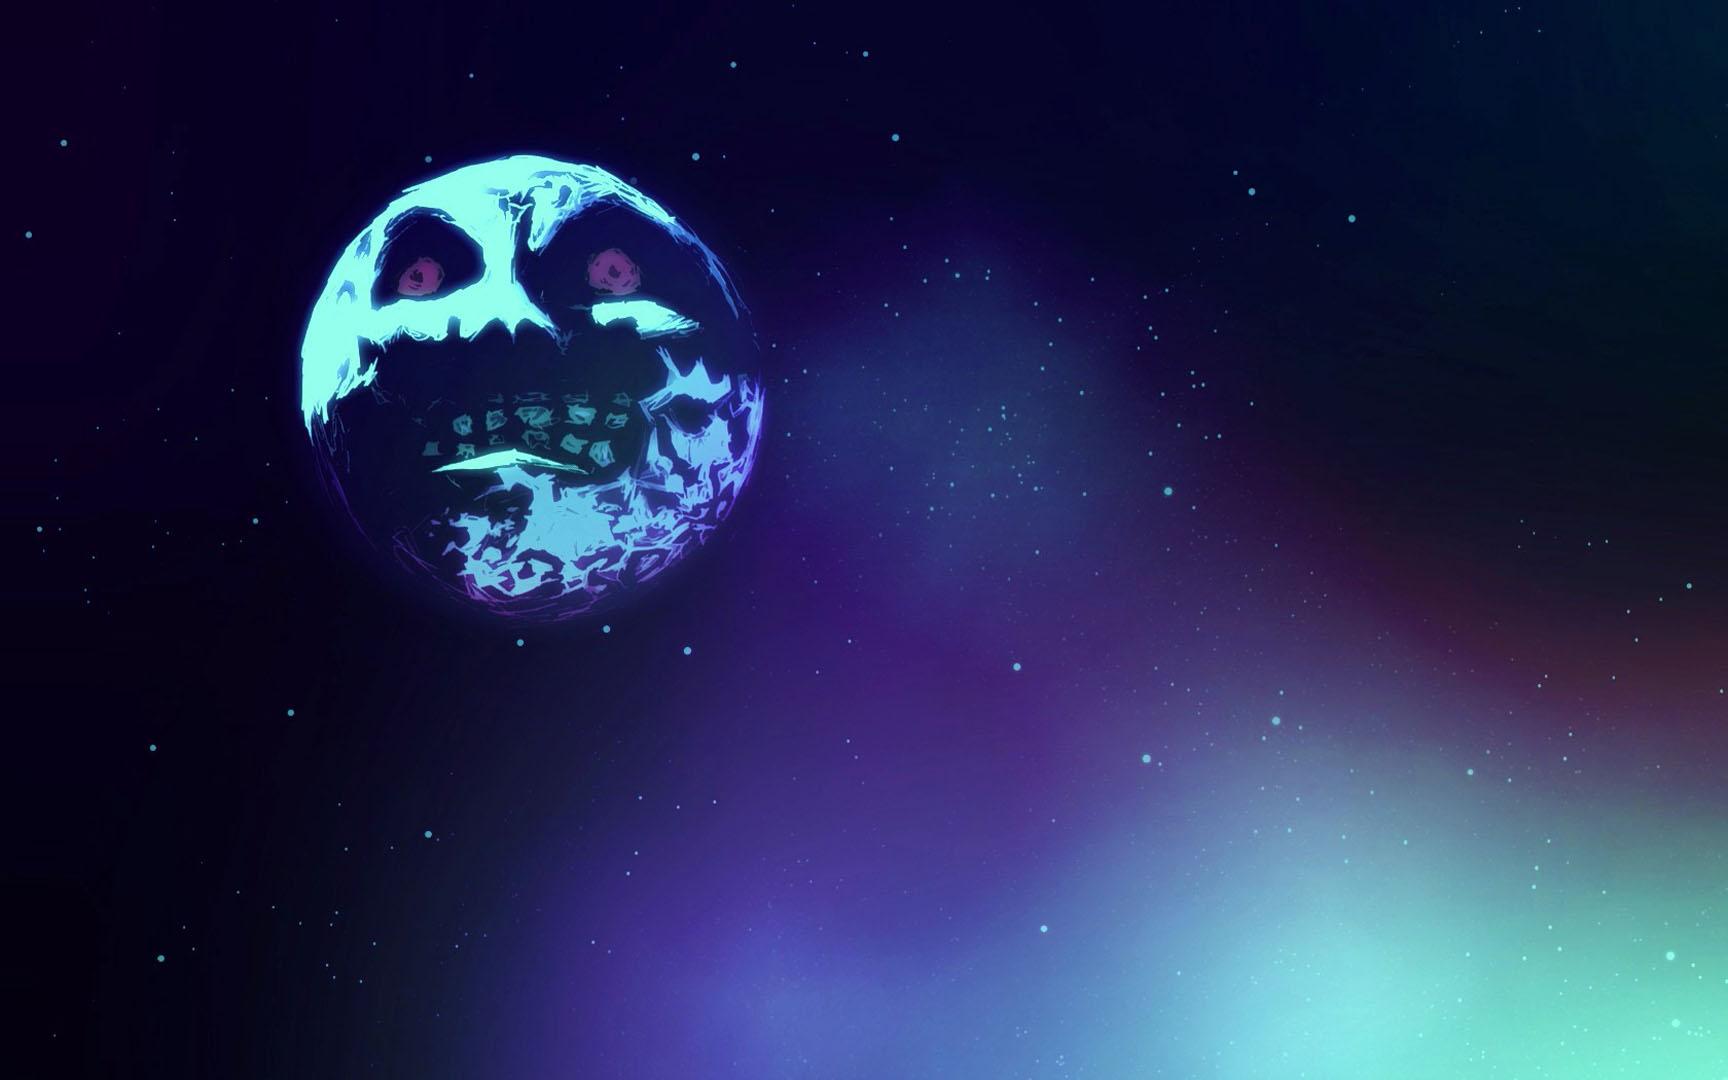 Majoras Mask Moon